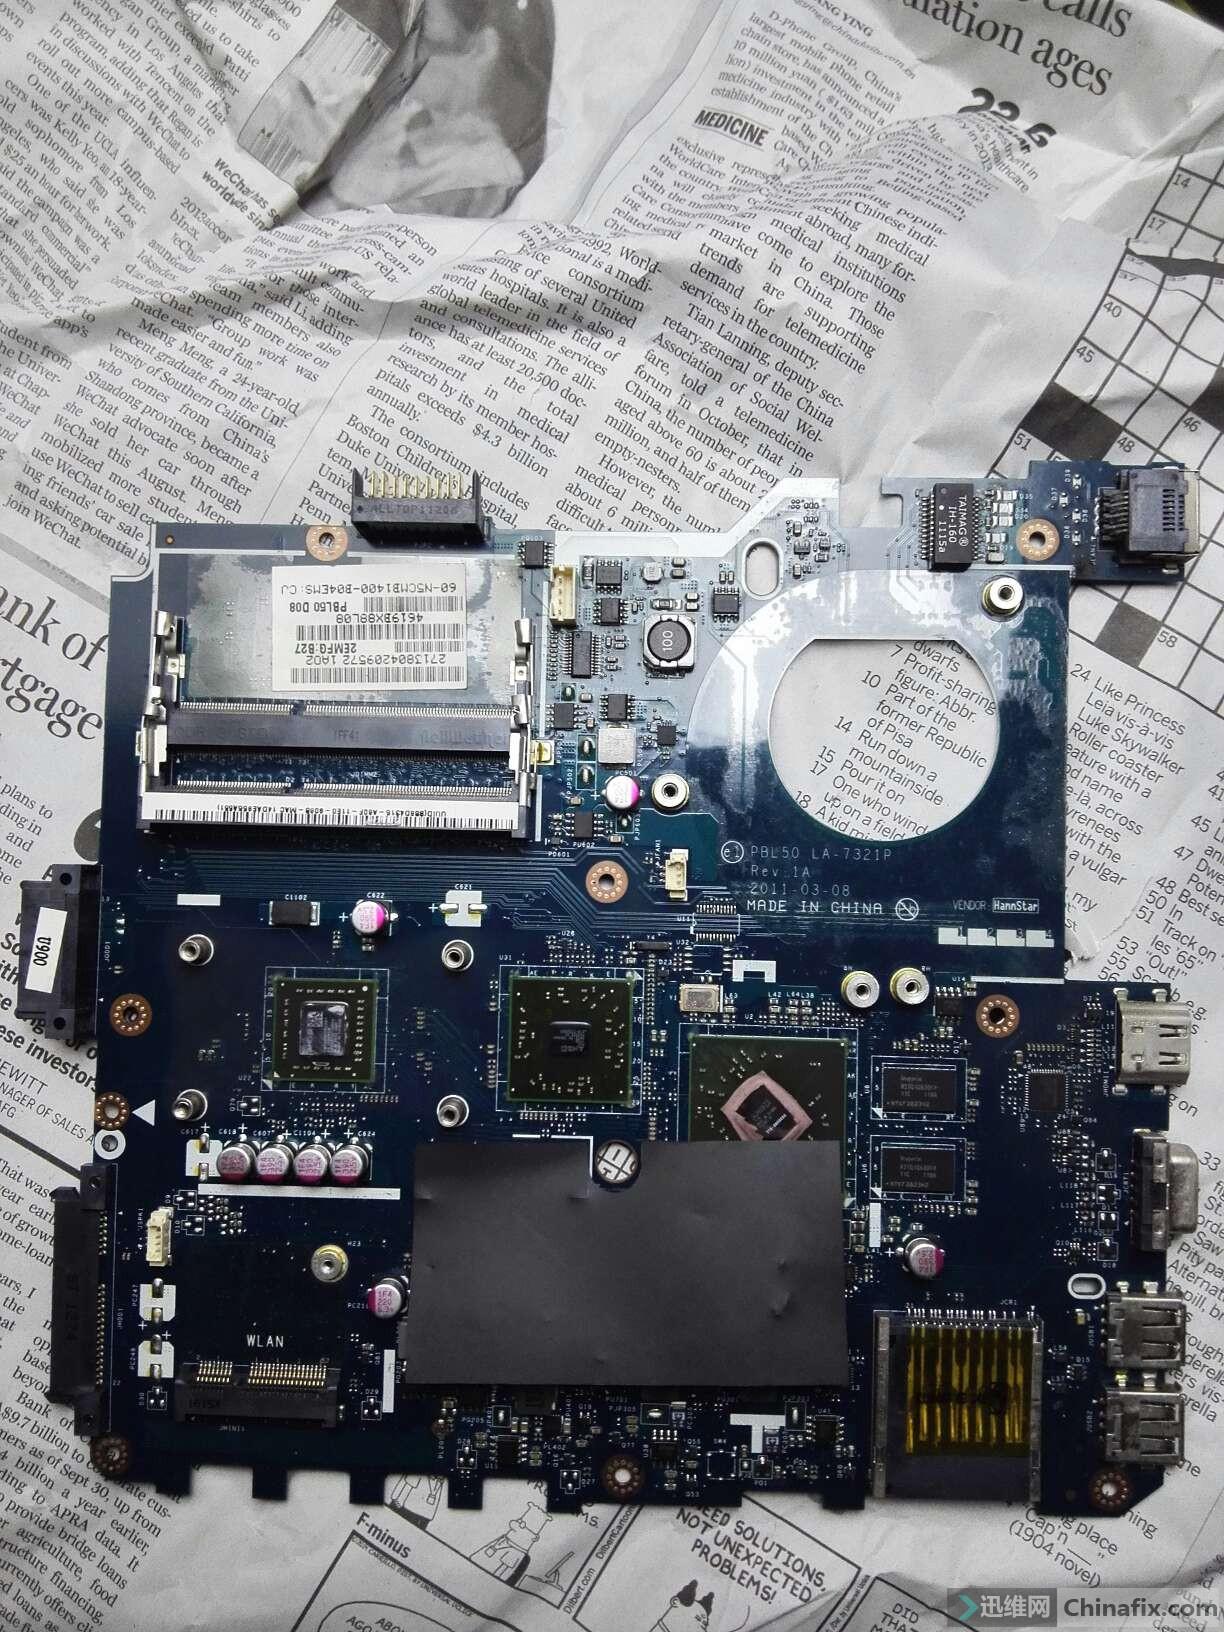 69 普通会员区 69 二手电脑|手机|工具 69 华硕x43b 拆机主板